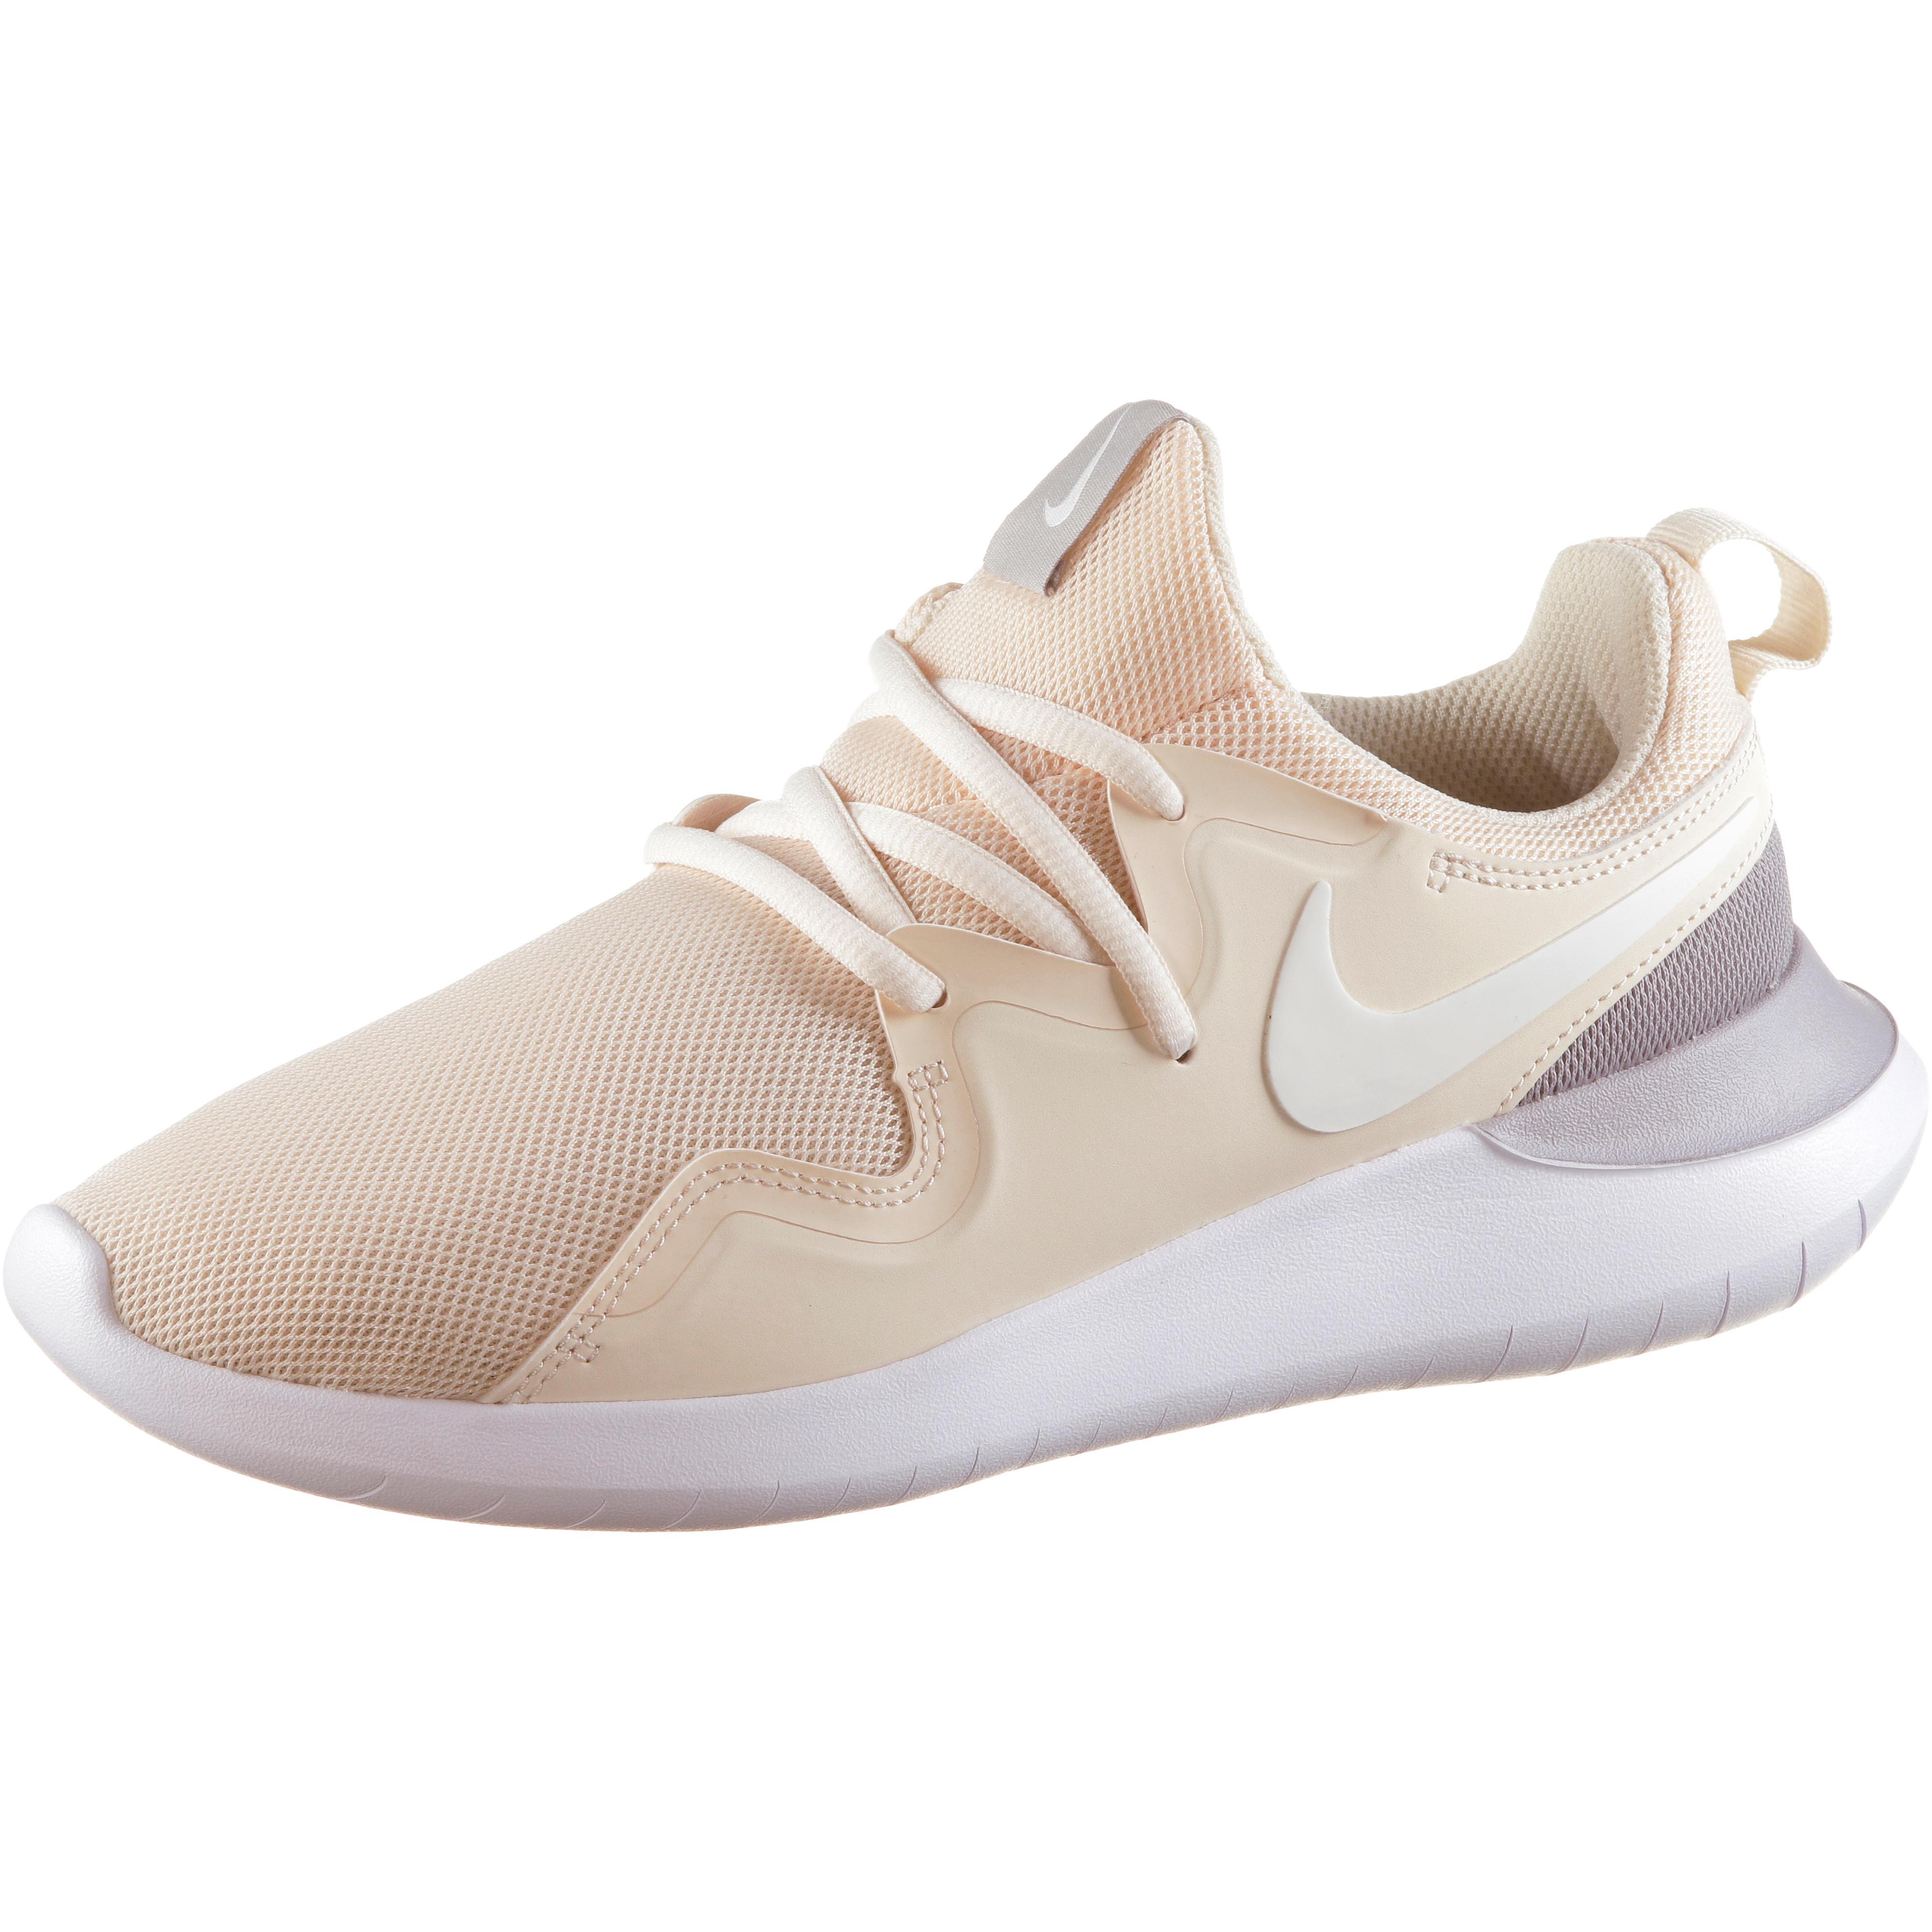 Nike TESSEN Turnschuhe Damen guava ice-sail-atmosphere grau im Online Shop von SportScheck kaufen Gute Qualität beliebte Schuhe